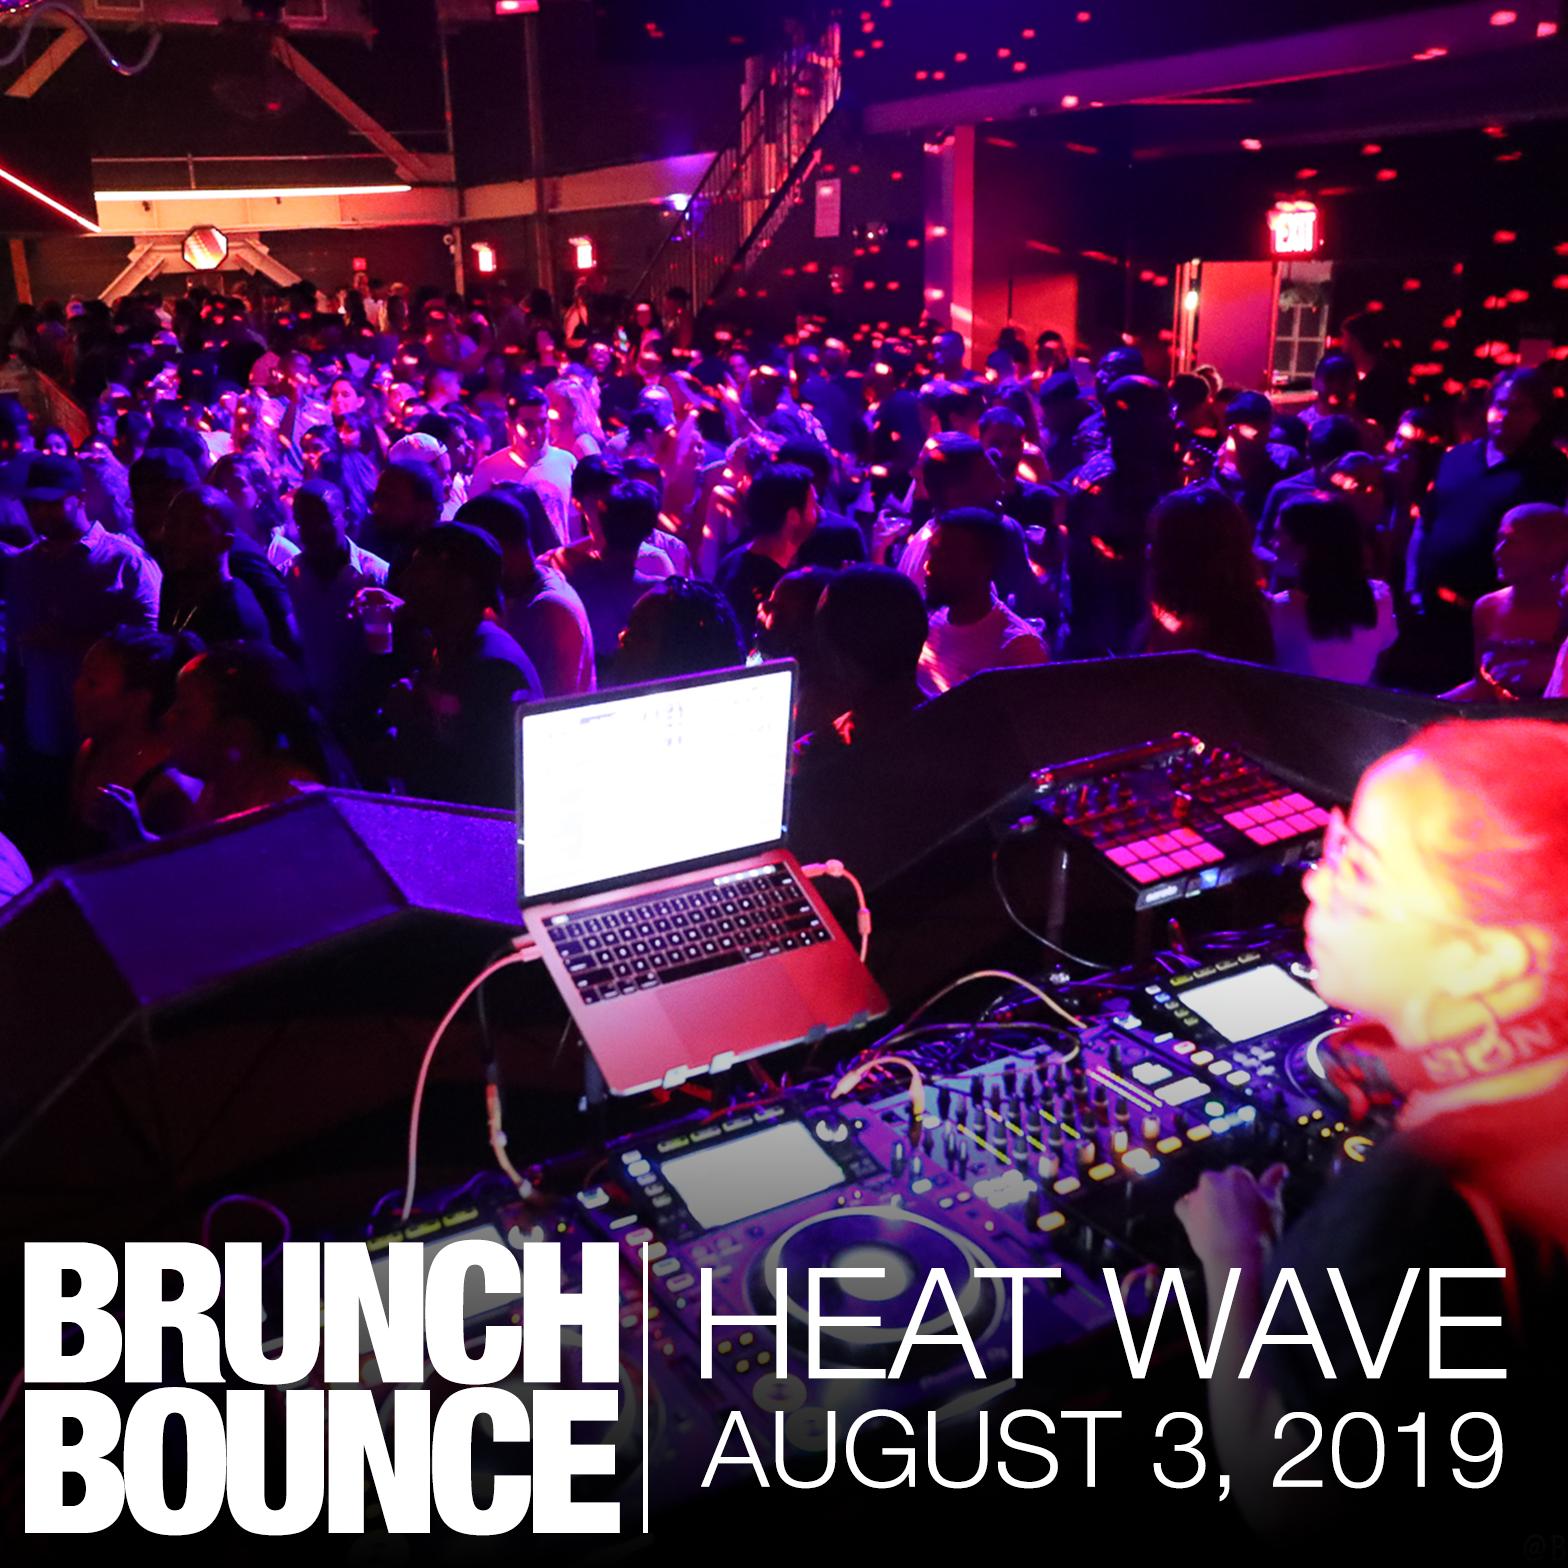 Heat Wave August 3, 2019